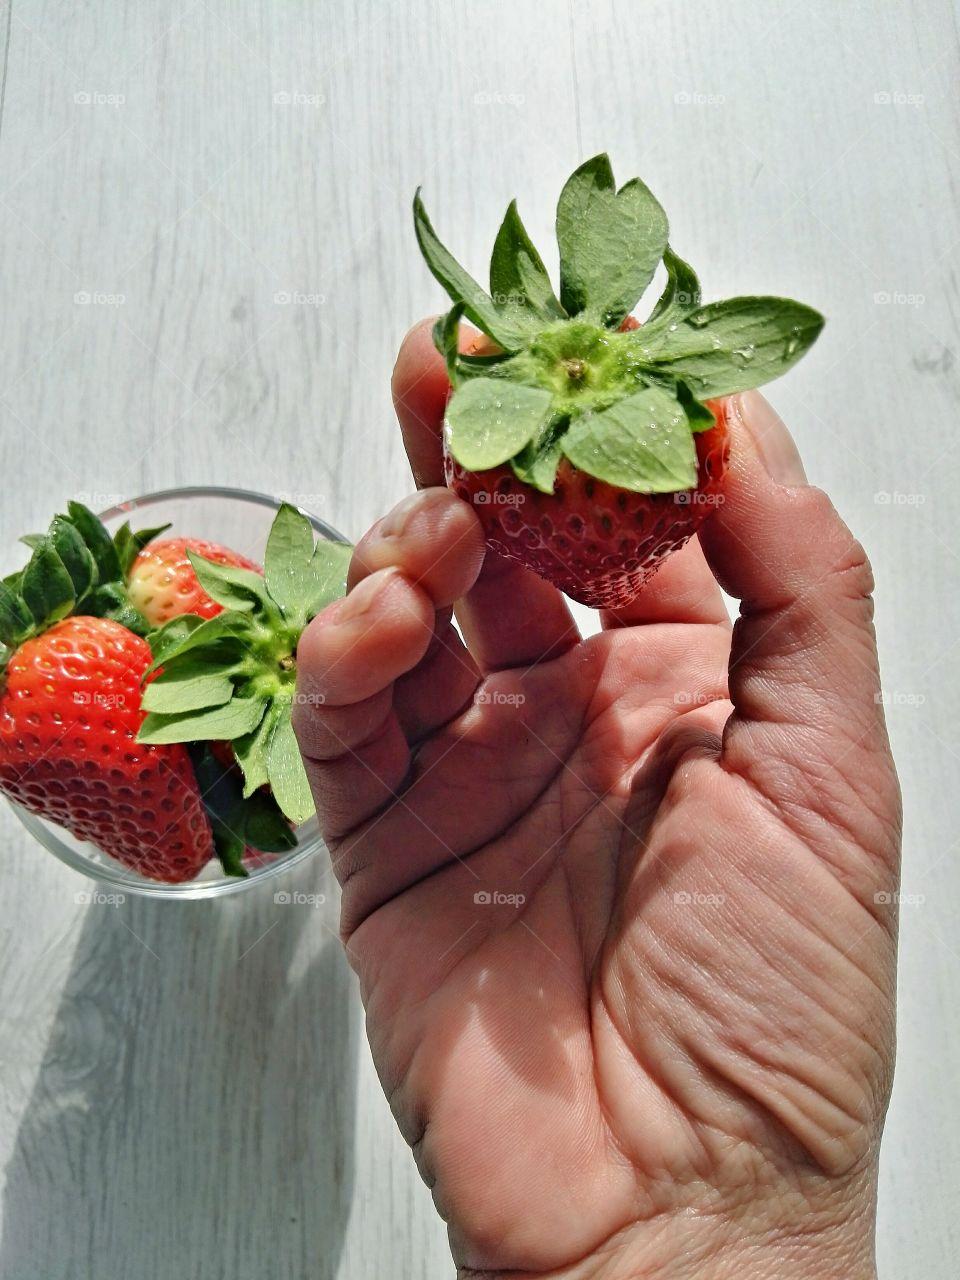 frish red strawberries